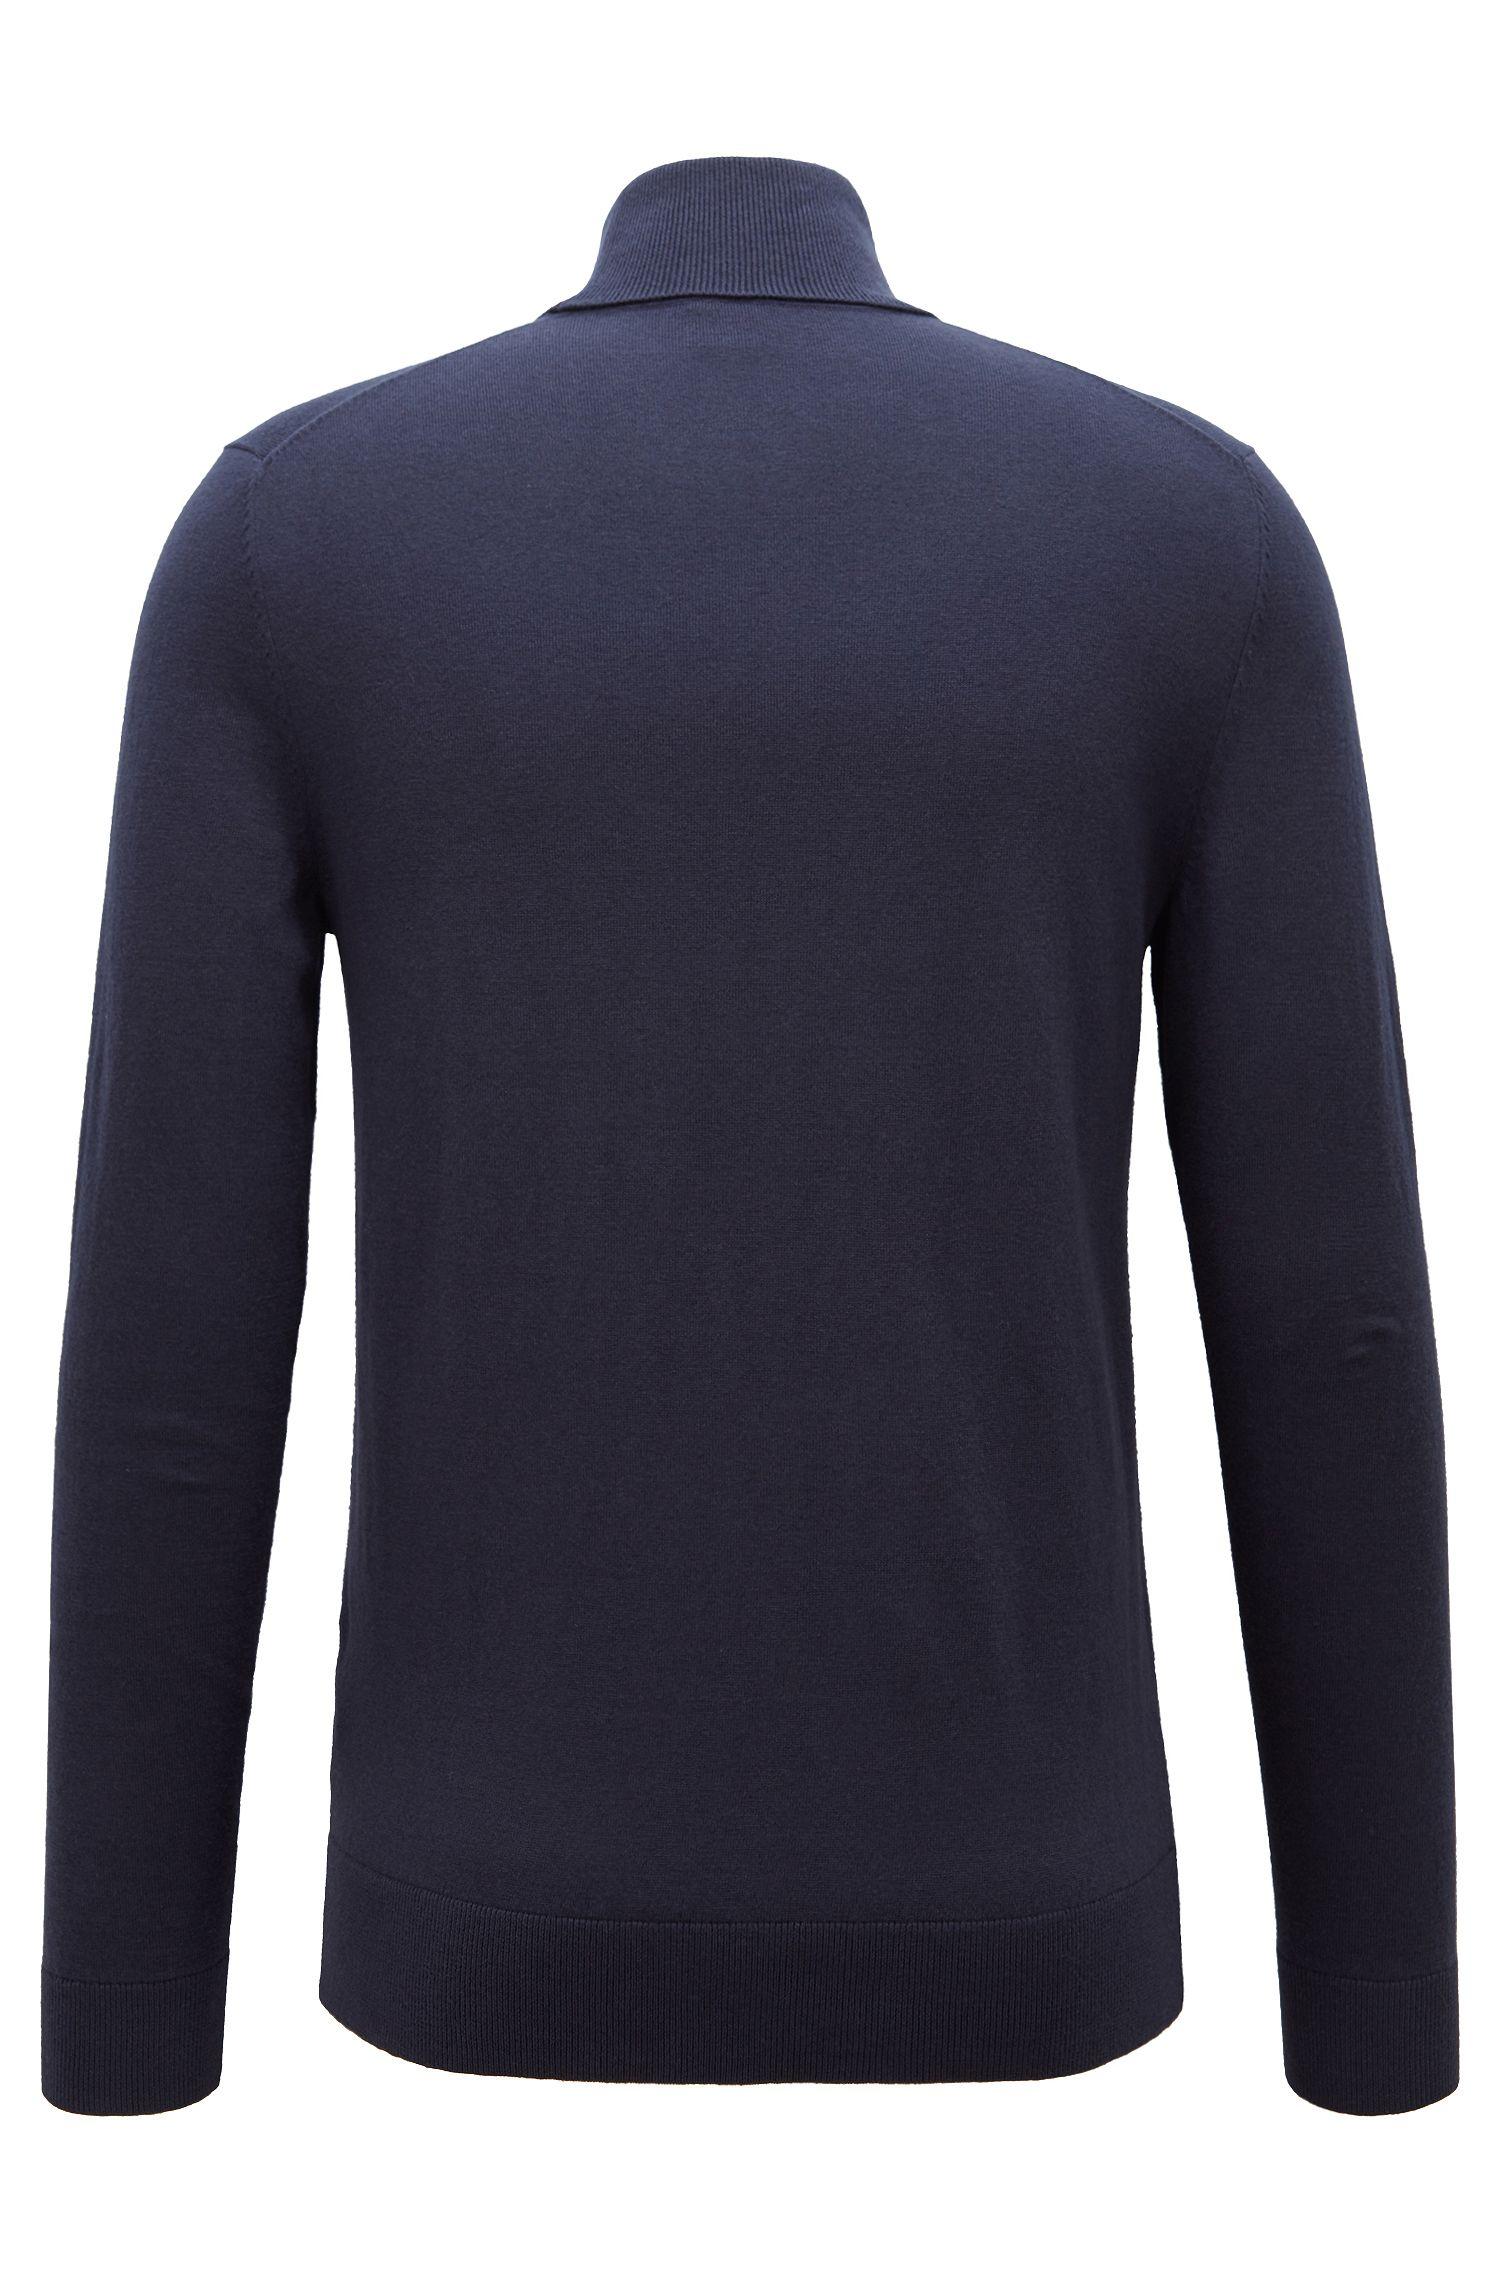 Feinstrick-Pullover aus Baumwoll-Mix mit Rollkragen, Dunkelblau